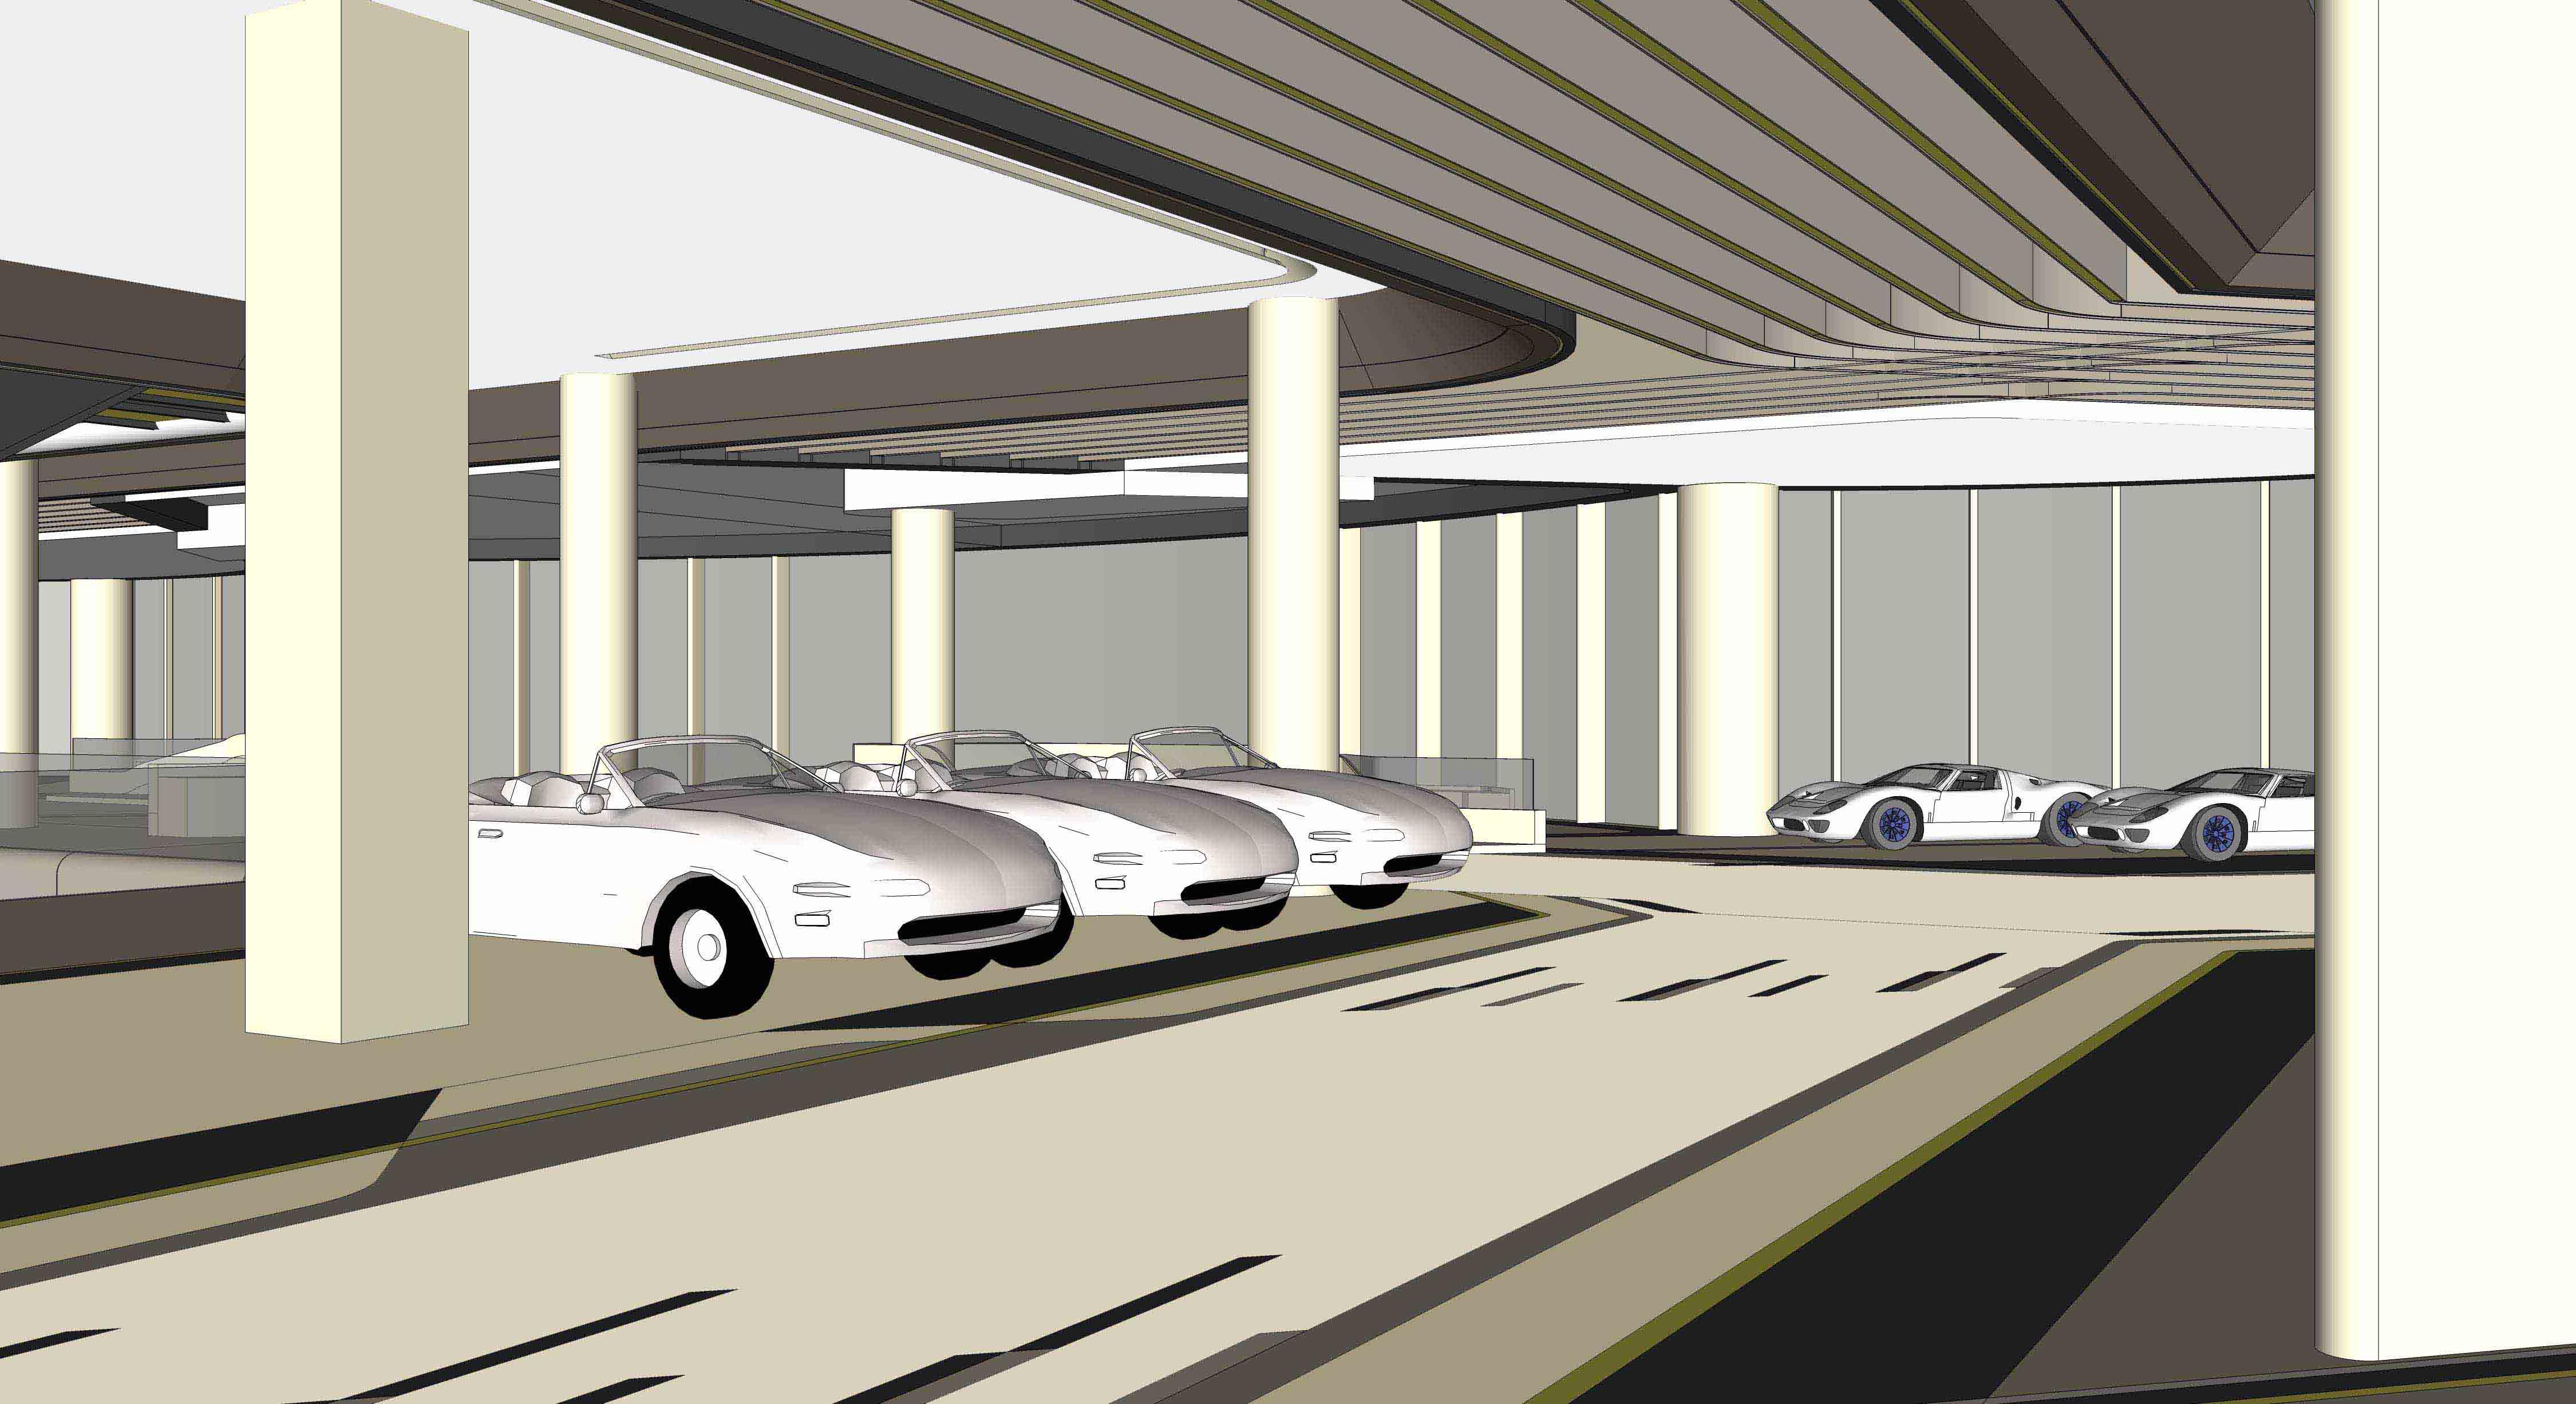 澳康达名车广场设计 - 商业空间 - 深圳室内设计网__.